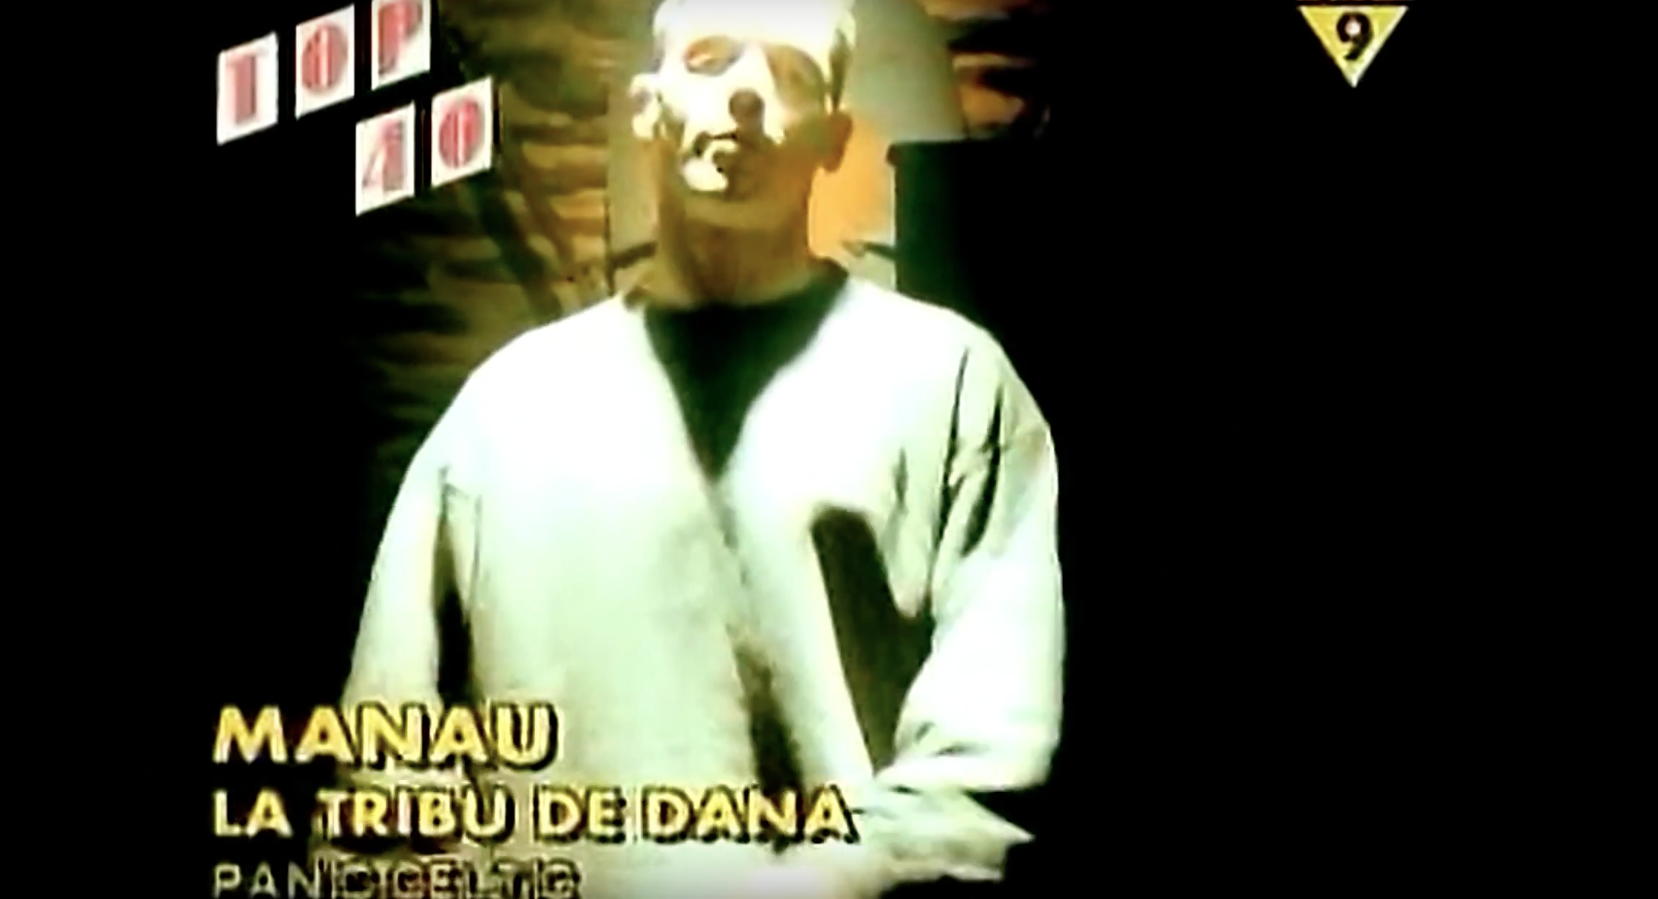 Le groupe Manau en tournée pour célébrer leur 20 ans de carrière ...